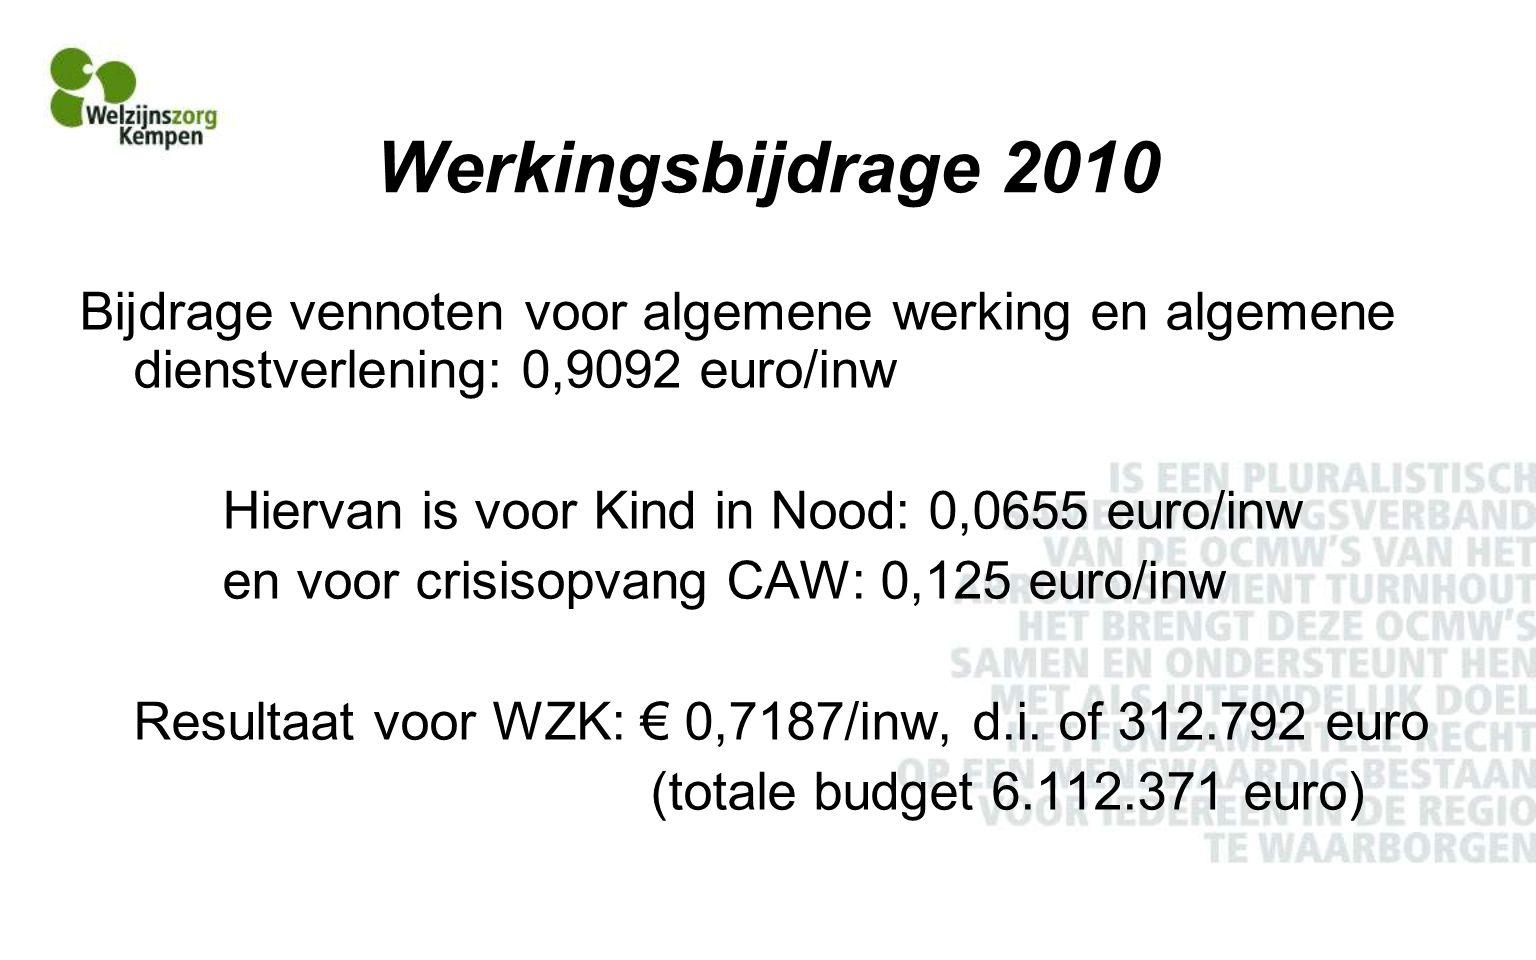 Werkingsbijdrage 2010 Bijdrage vennoten voor algemene werking en algemene dienstverlening: 0,9092 euro/inw Hiervan is voor Kind in Nood: 0,0655 euro/inw en voor crisisopvang CAW: 0,125 euro/inw Resultaat voor WZK: € 0,7187/inw, d.i.